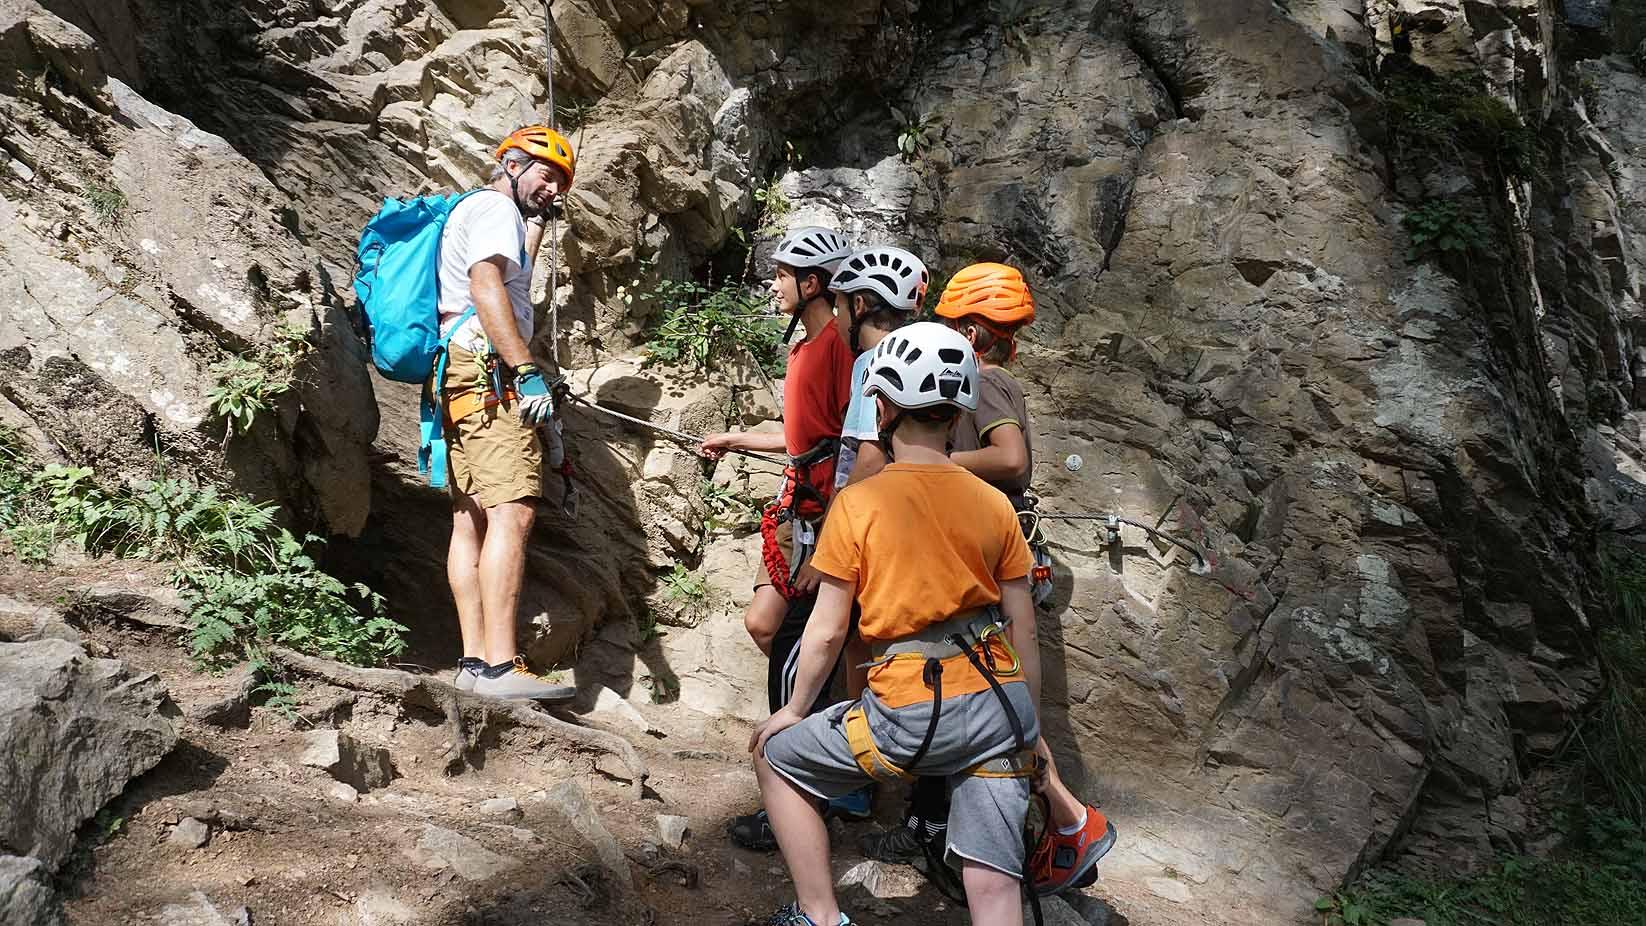 Klettersteigset Für Kinder : Klettersteig mit kinder und jugendlichen eine besondere herausforderung!